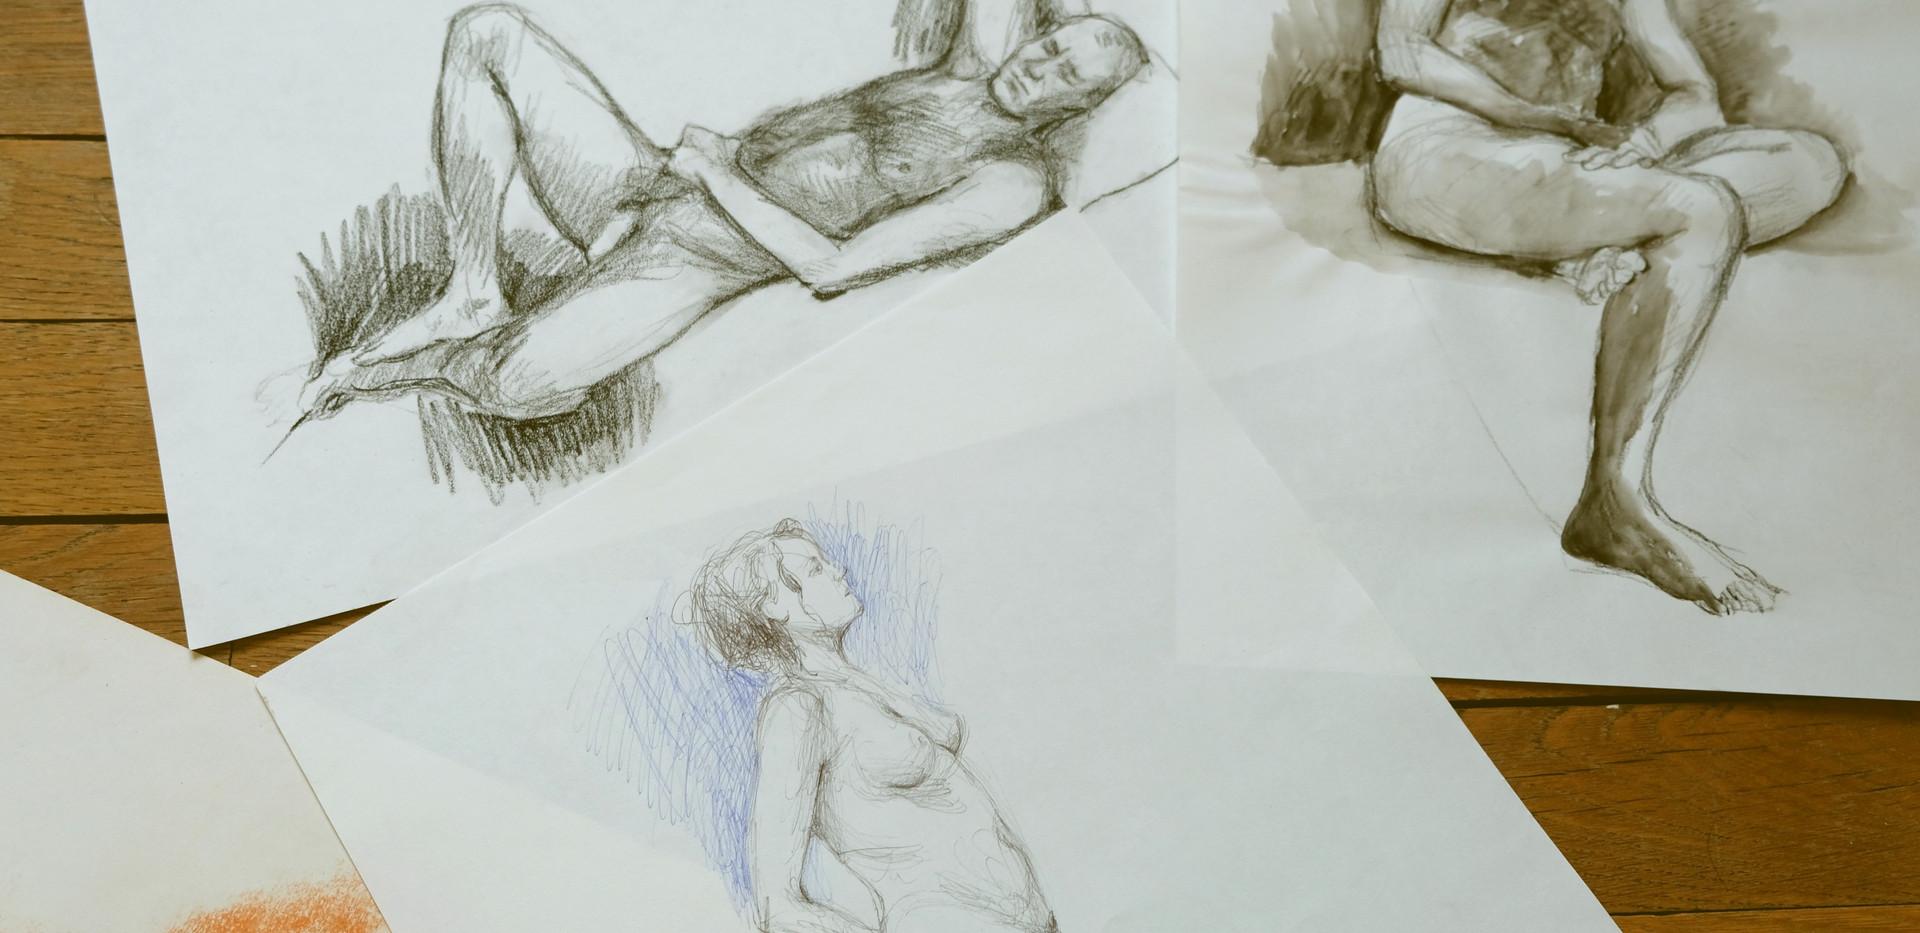 dessins modèle vivant by McFly-Illustration